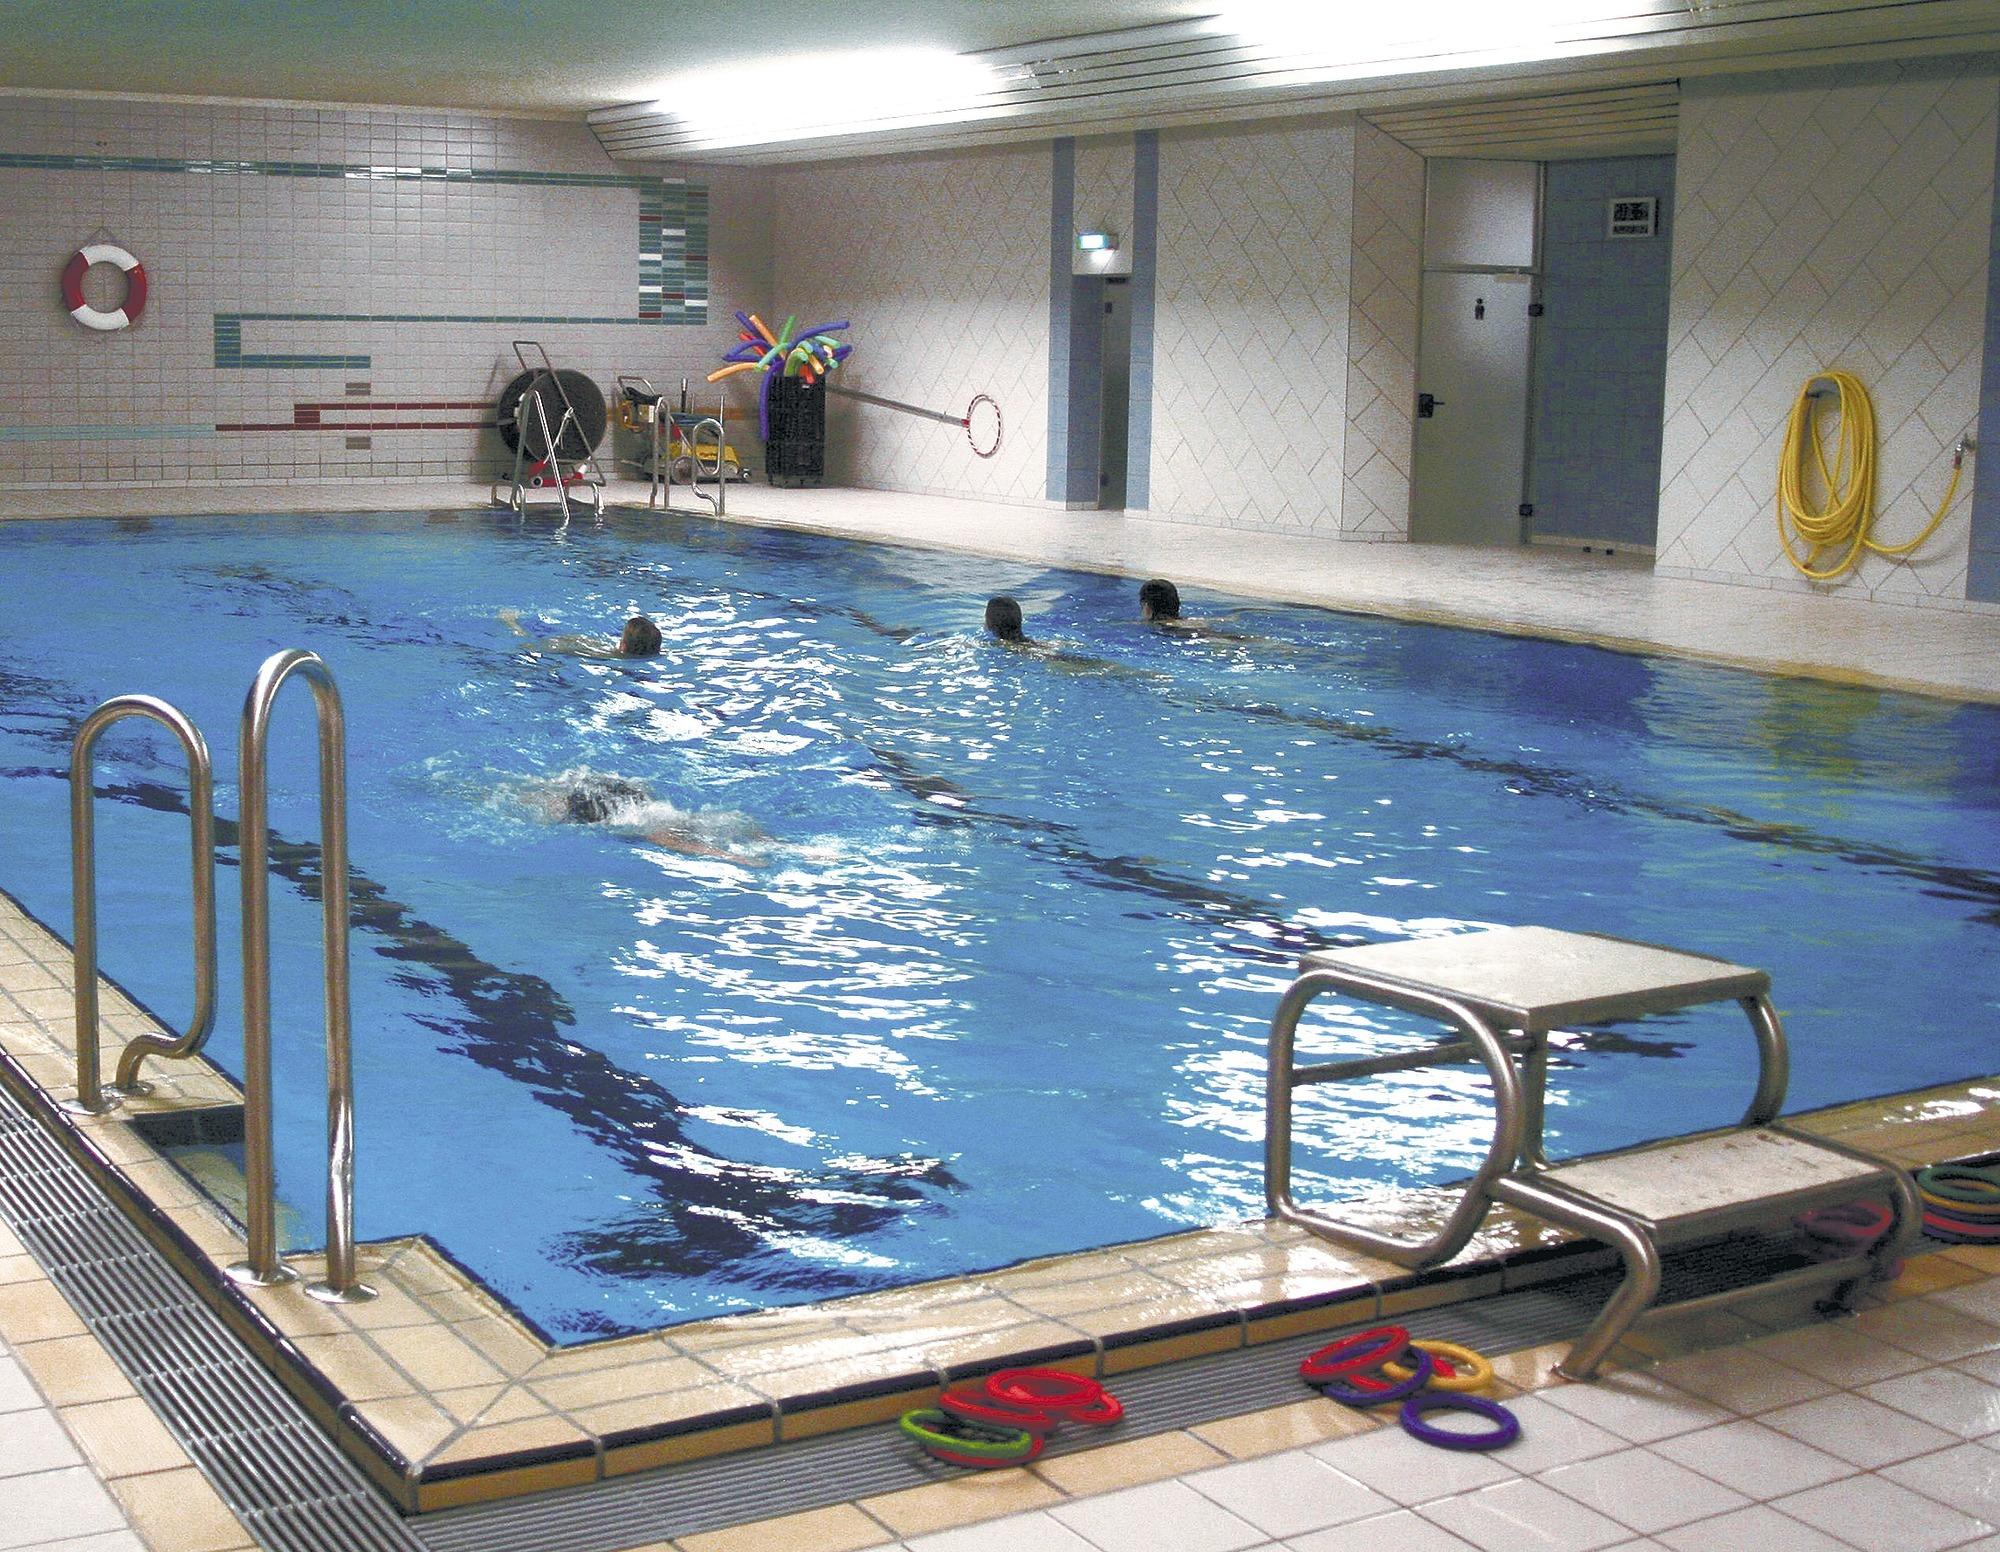 Schwimmbad walldorf öffnungszeiten